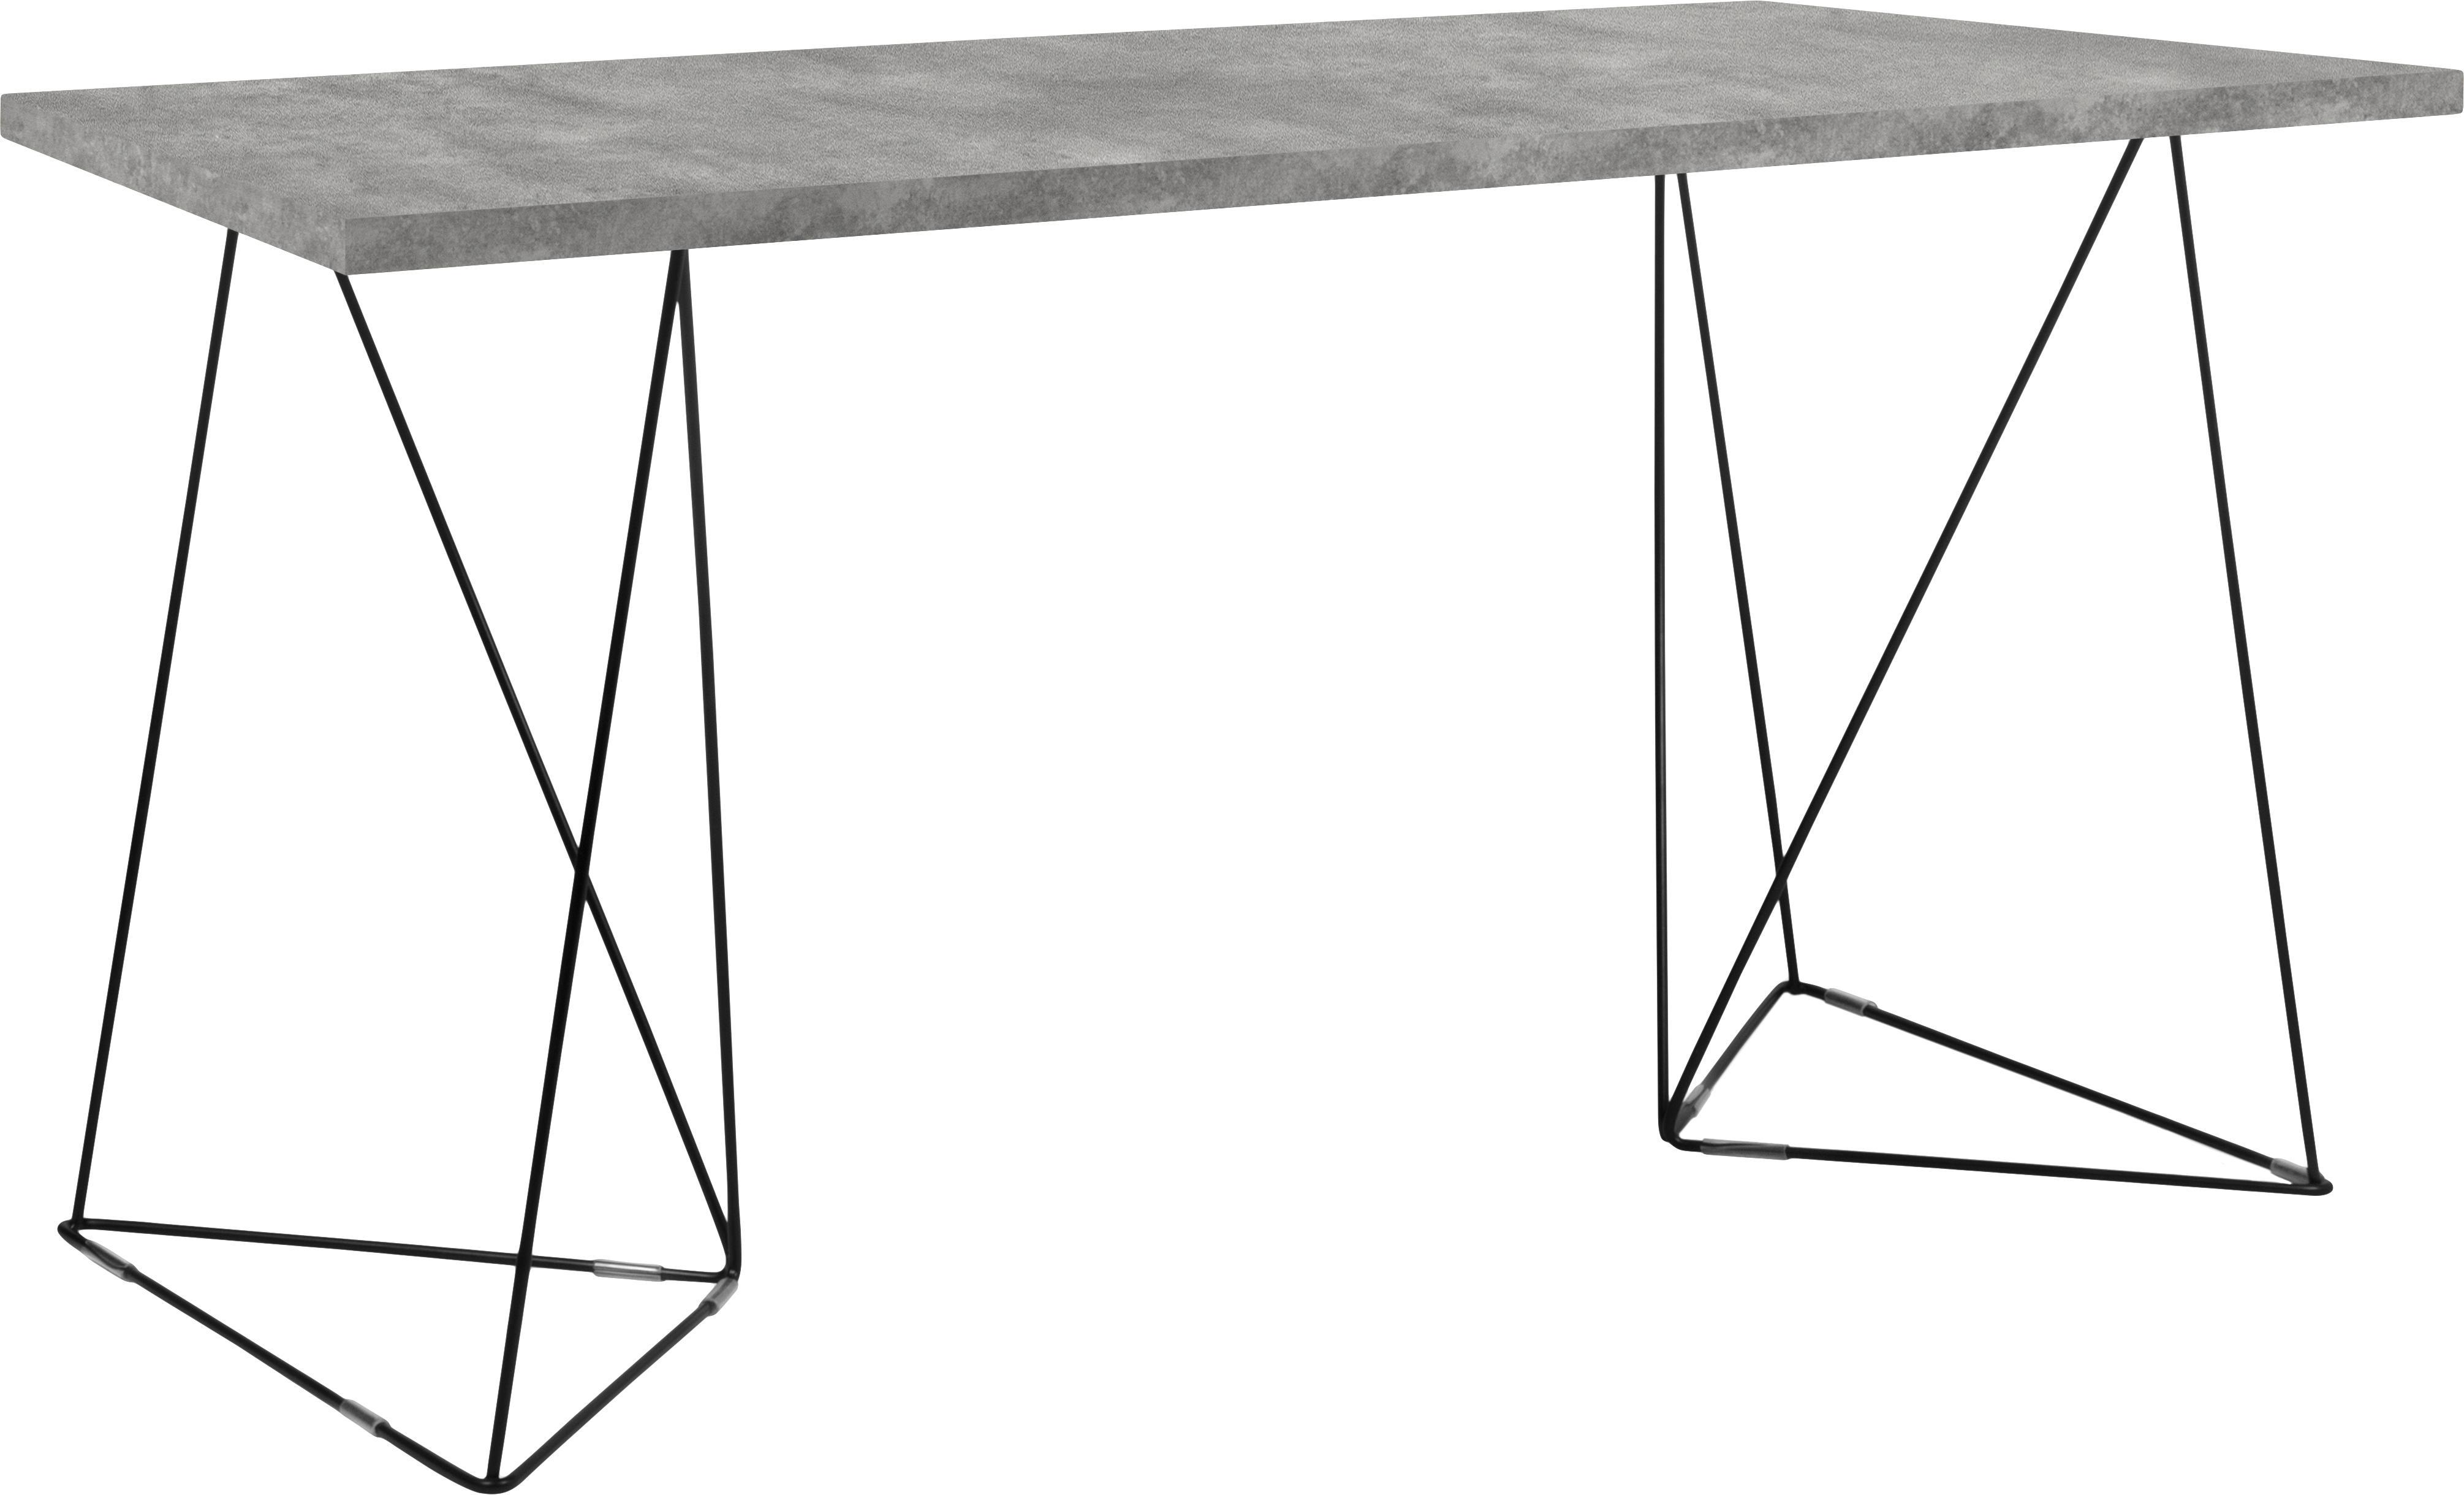 Bureau Max met schraagpoten, Tafelblad: spaanplaat in lichtbouw w, Poten: gelakt metaal, Grijs, B 140 x D 75 cm